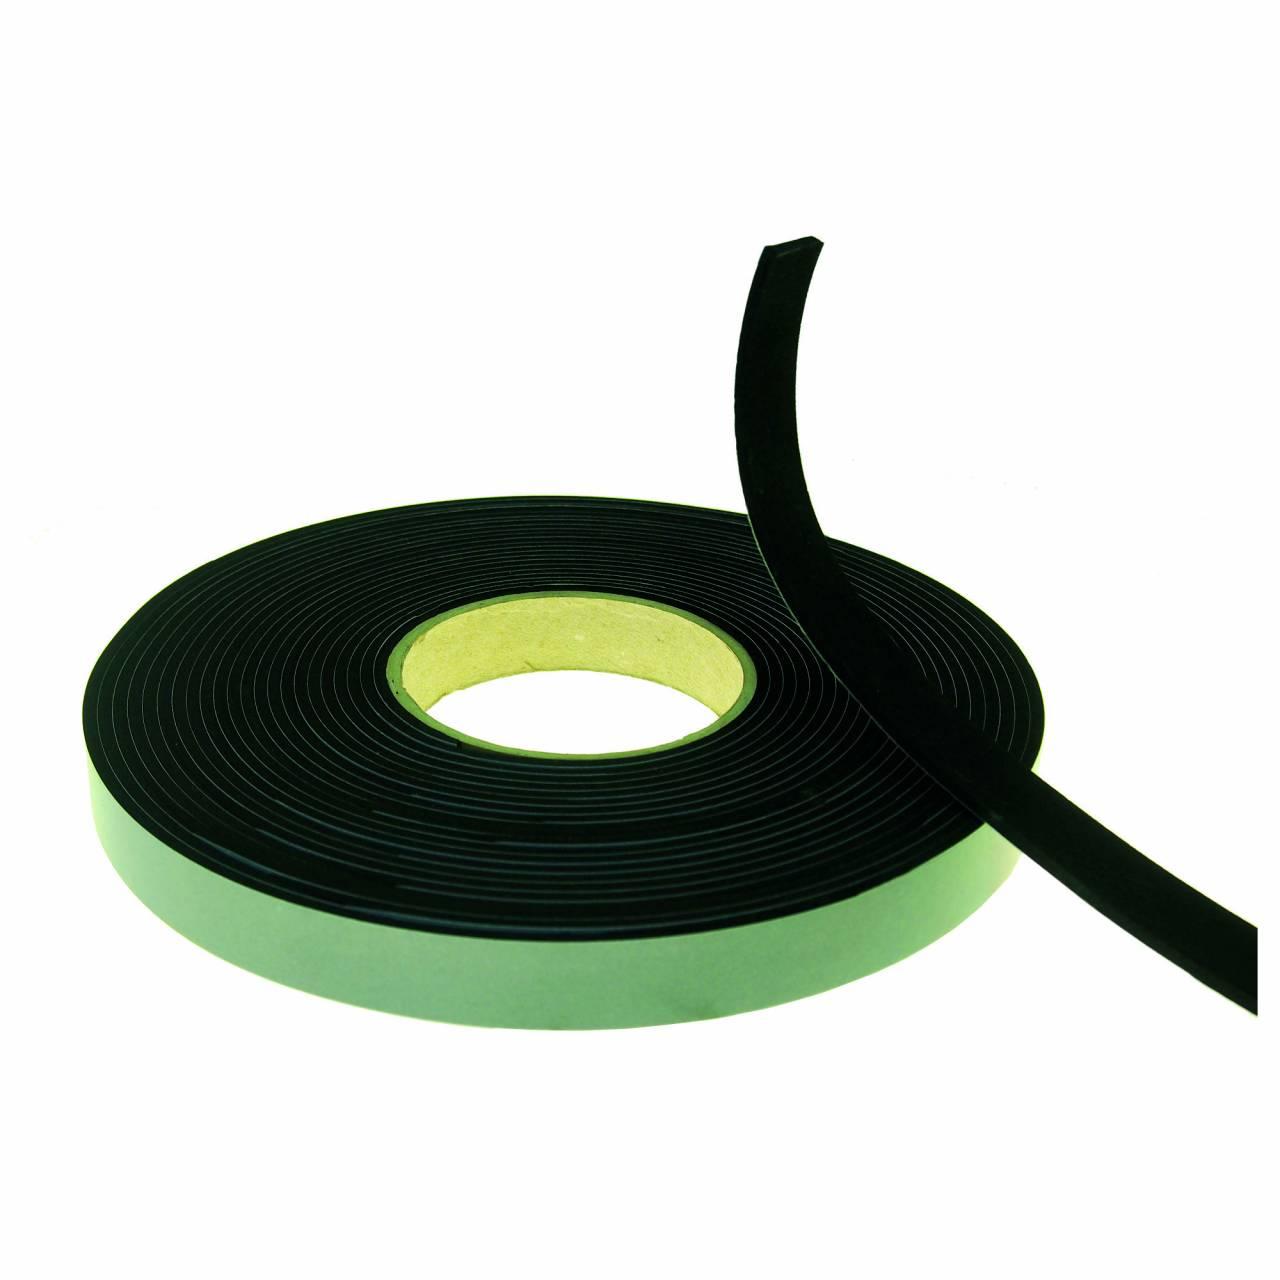 EPDM-Dichtband 10 x 2 mm x 10 lfm / Krt a 30 Rollen